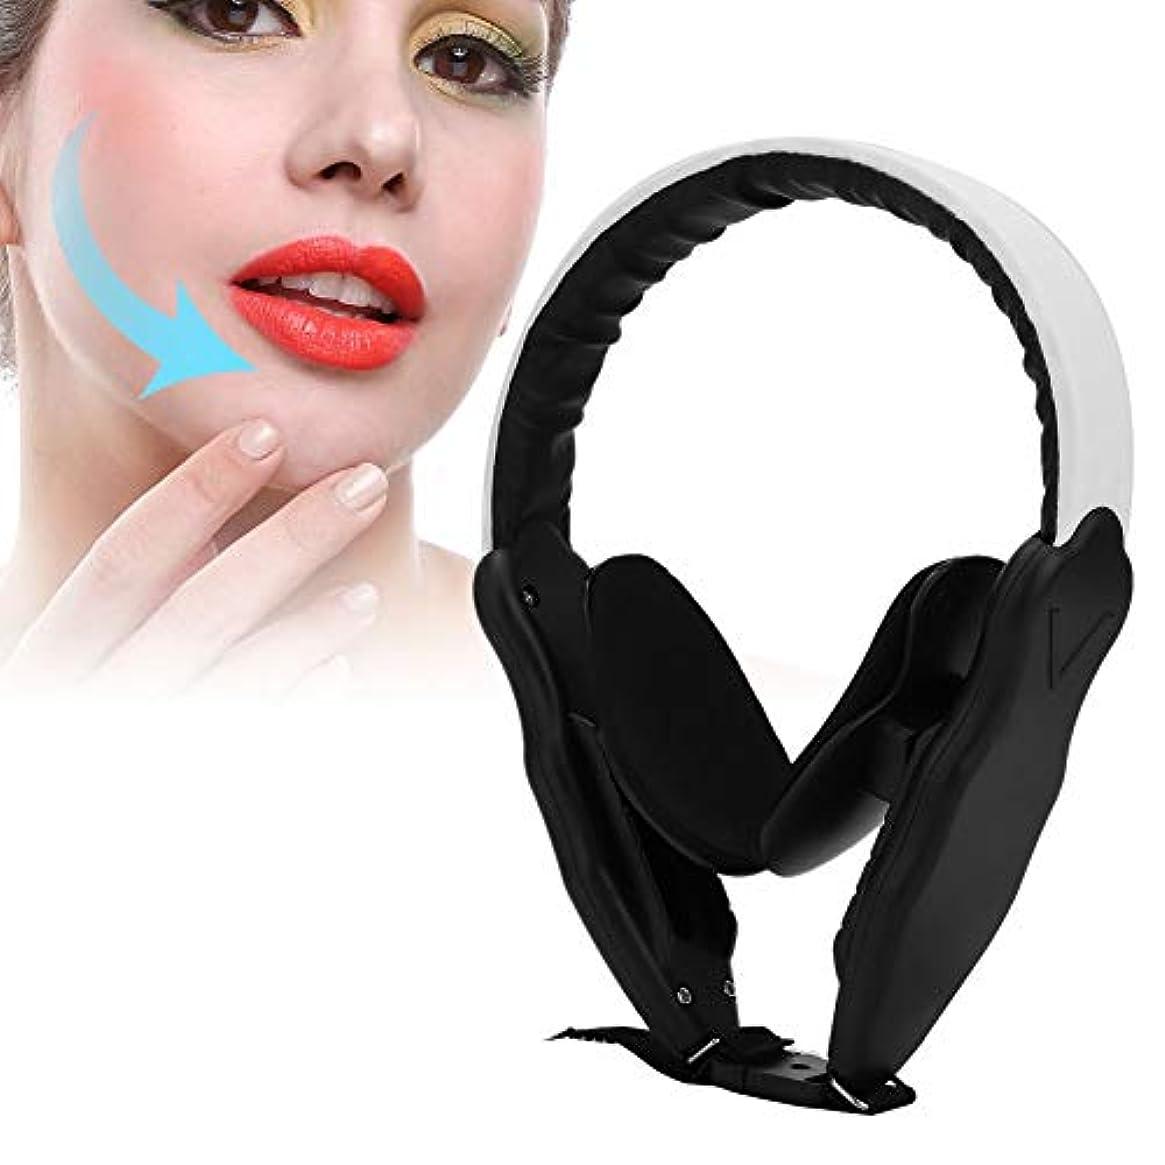 回路環境に優しい強要小顔マスク 矯正 調節可能な圧力工具を細くする薄い顔の補正装置のあごの頬の皮のマッサージの持ち上がること